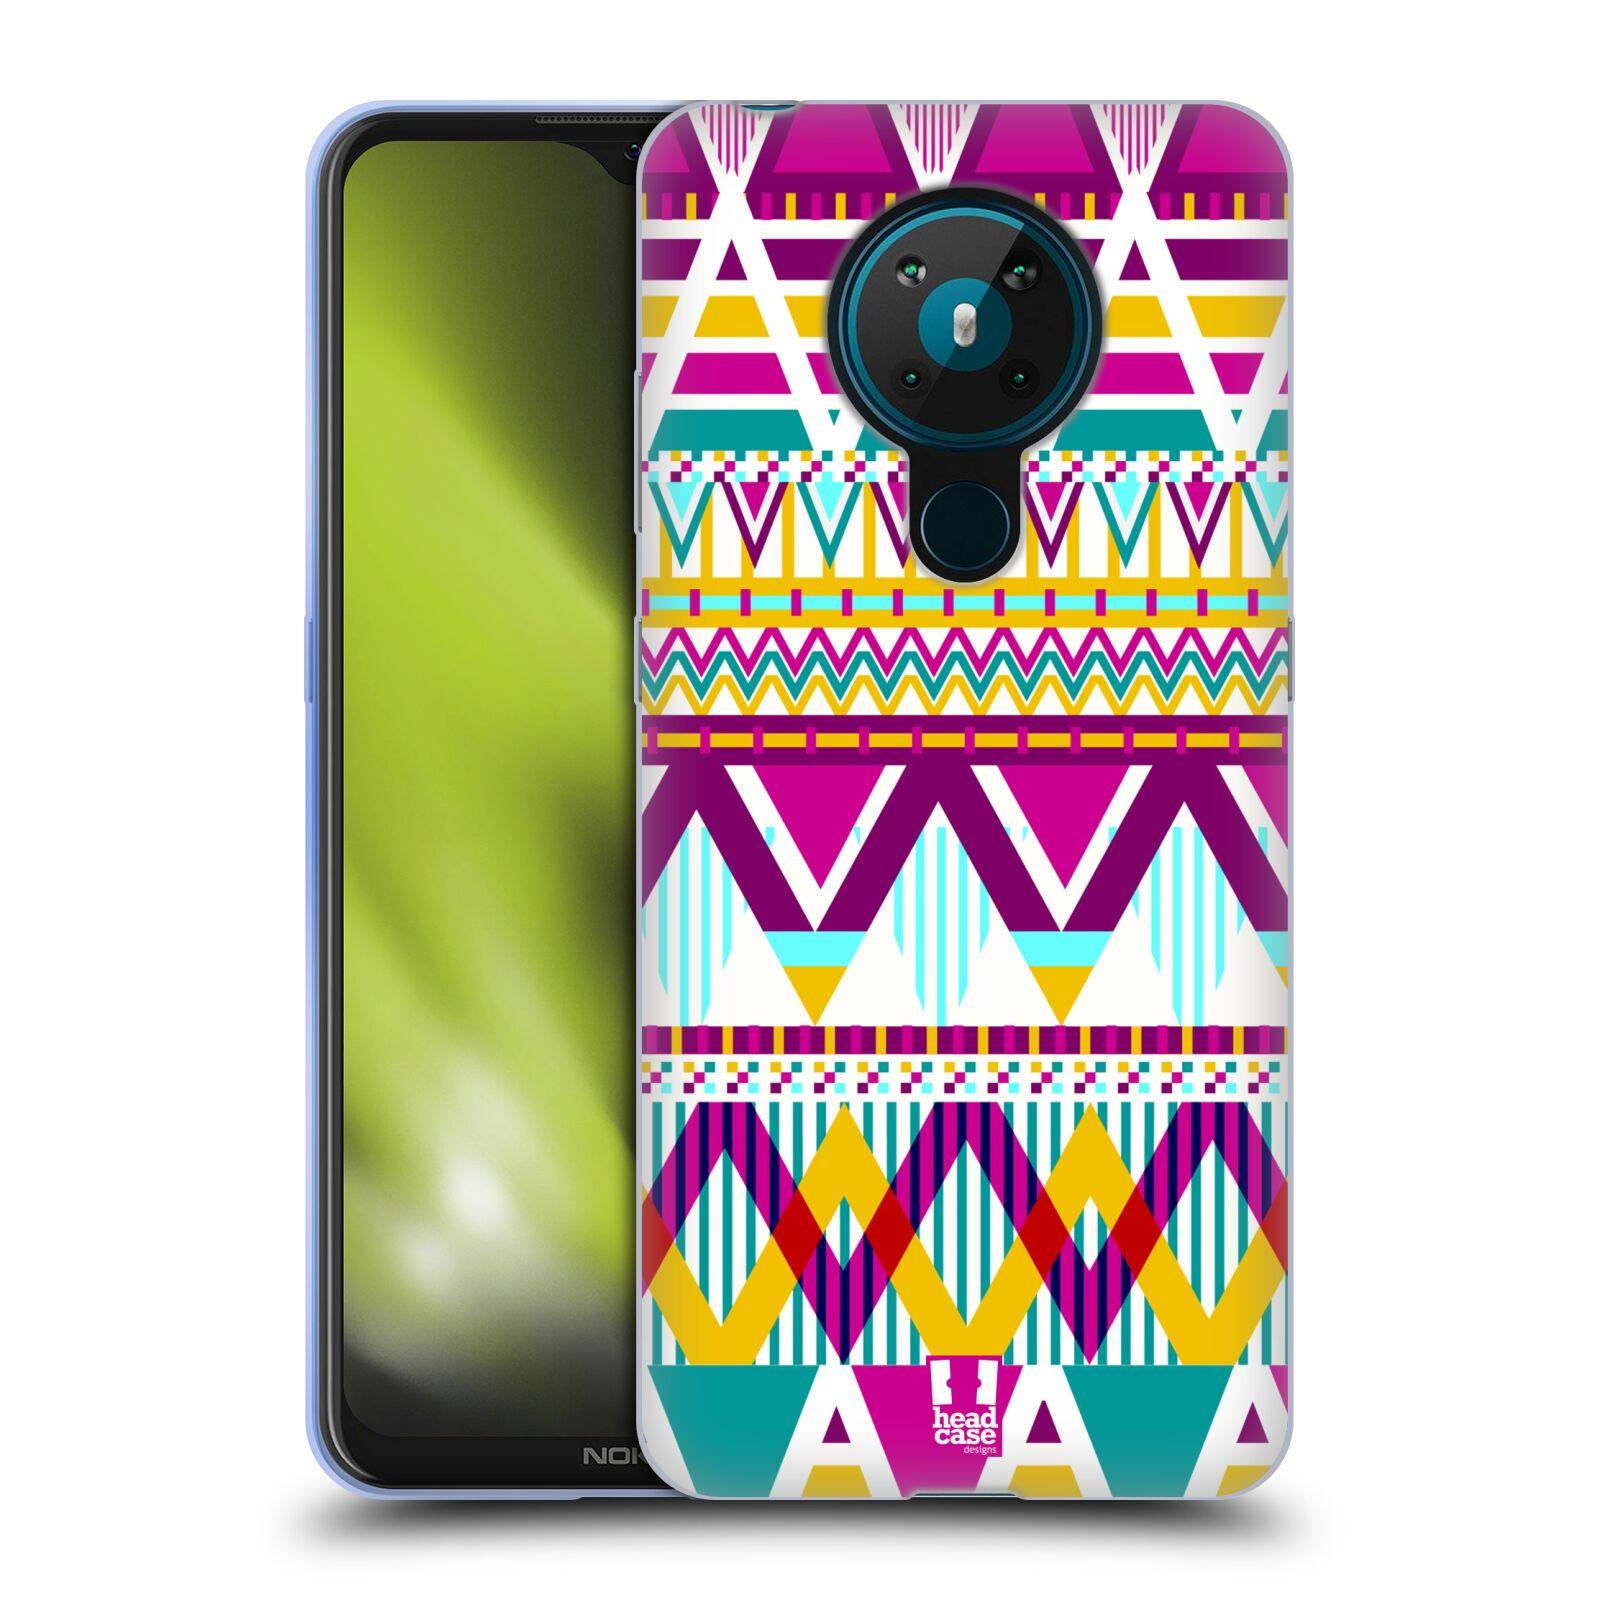 Silikonové pouzdro na mobil Nokia 5.3 - Head Case - AZTEC SUGARED